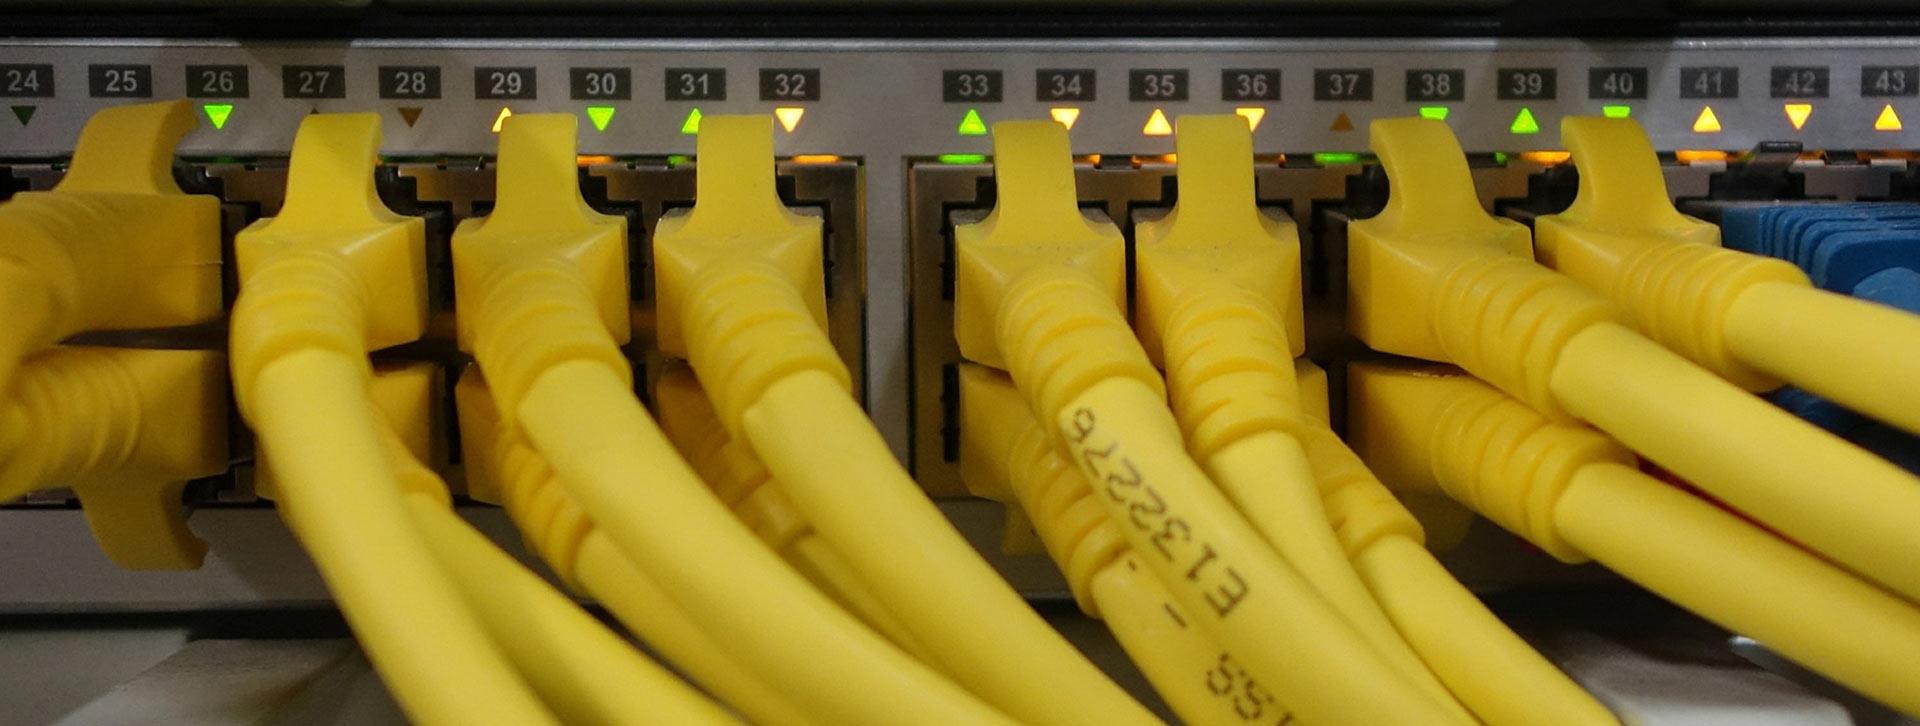 sieci-komputerowe-lan